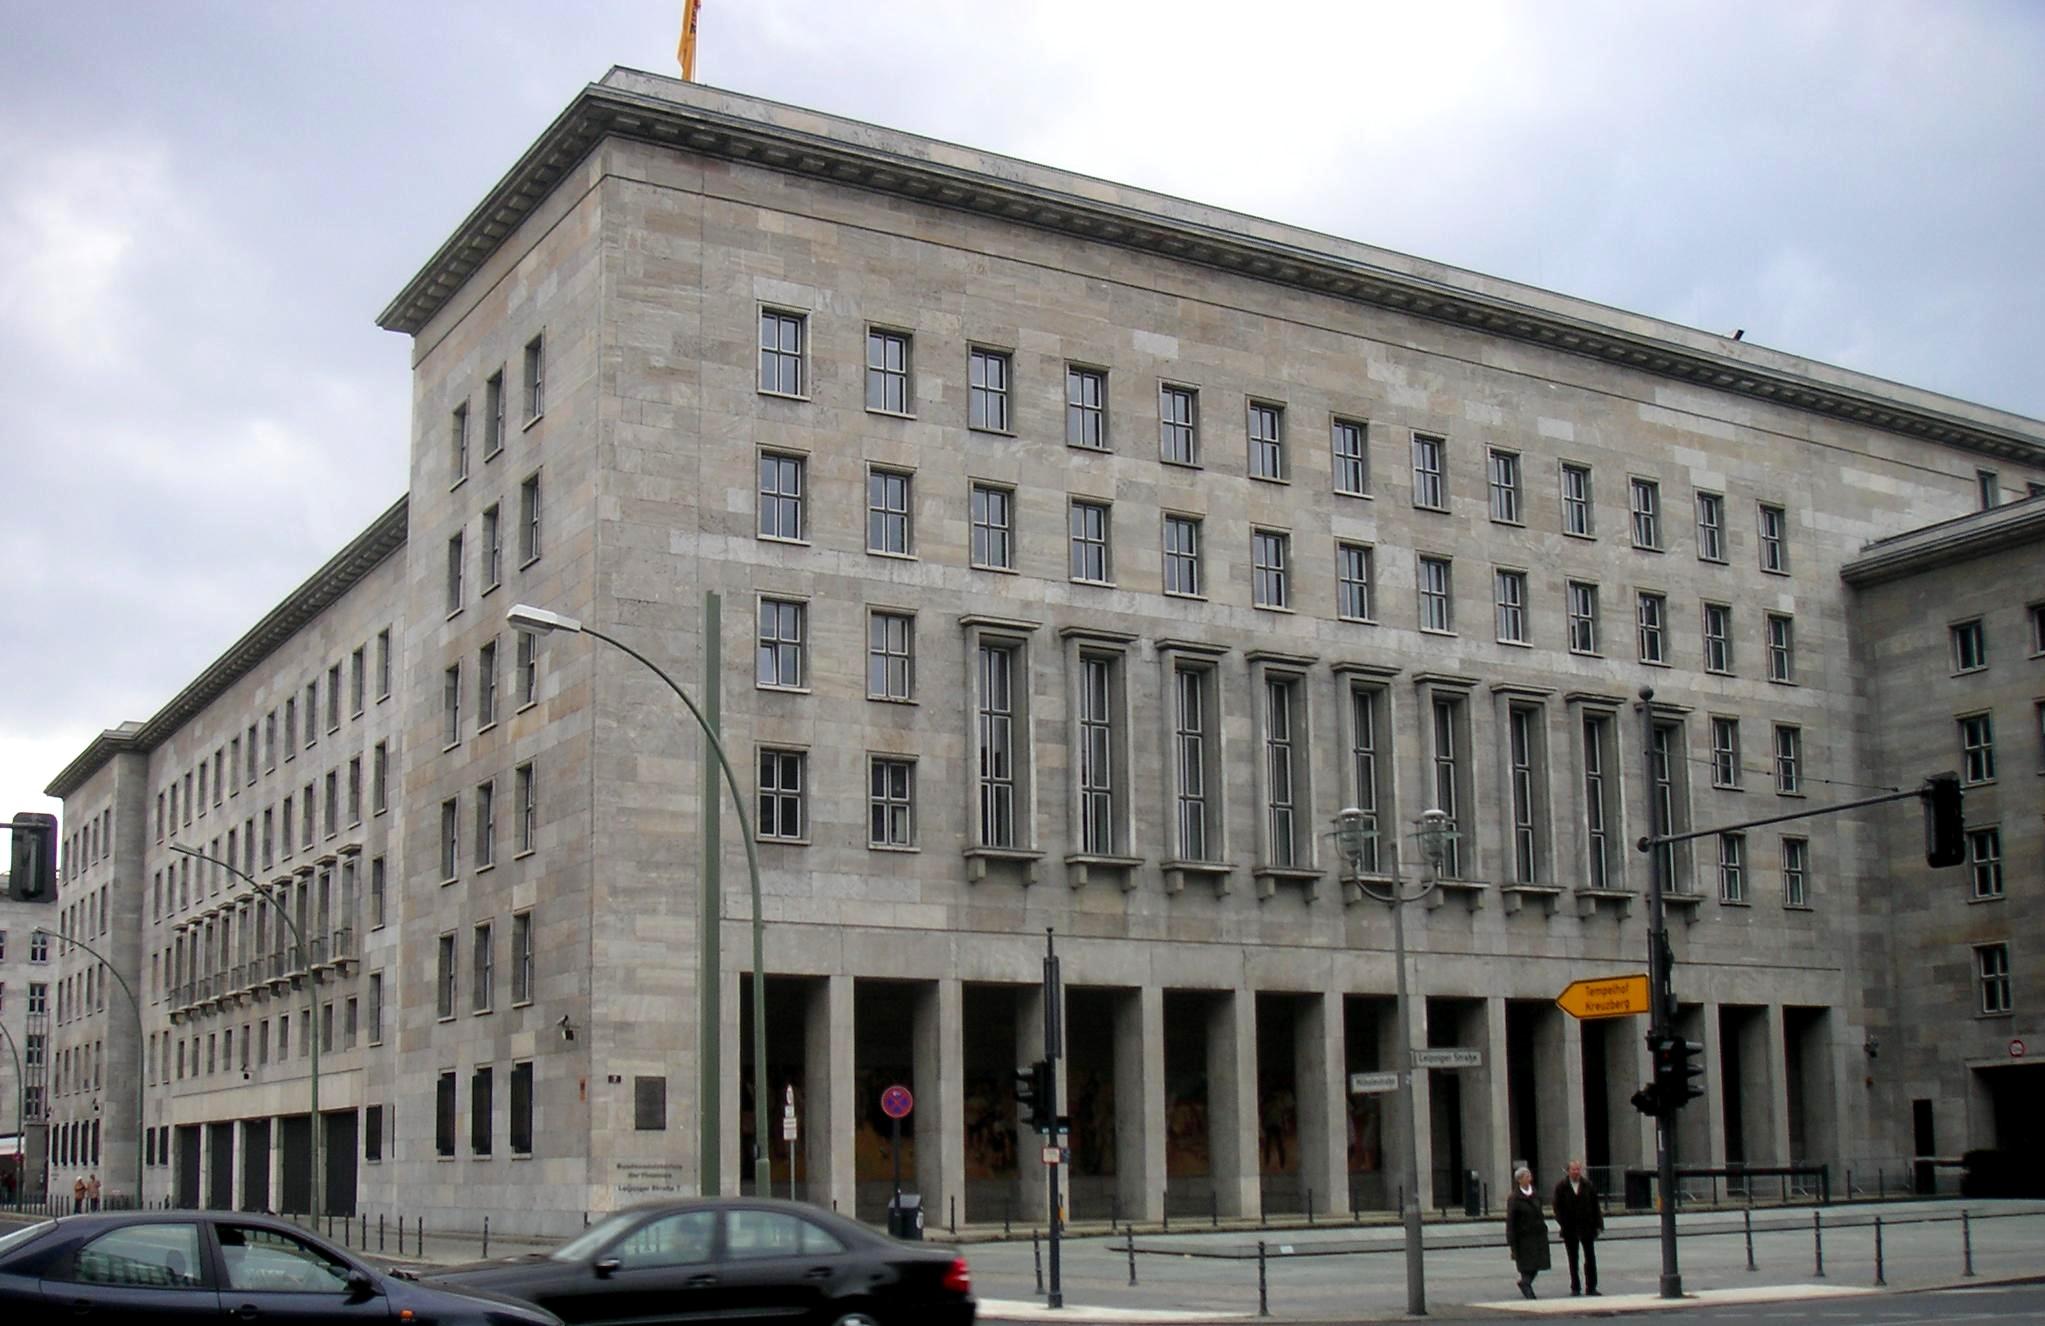 Architektur In Der Zeit Des Nationalsozialismus Wikipedia